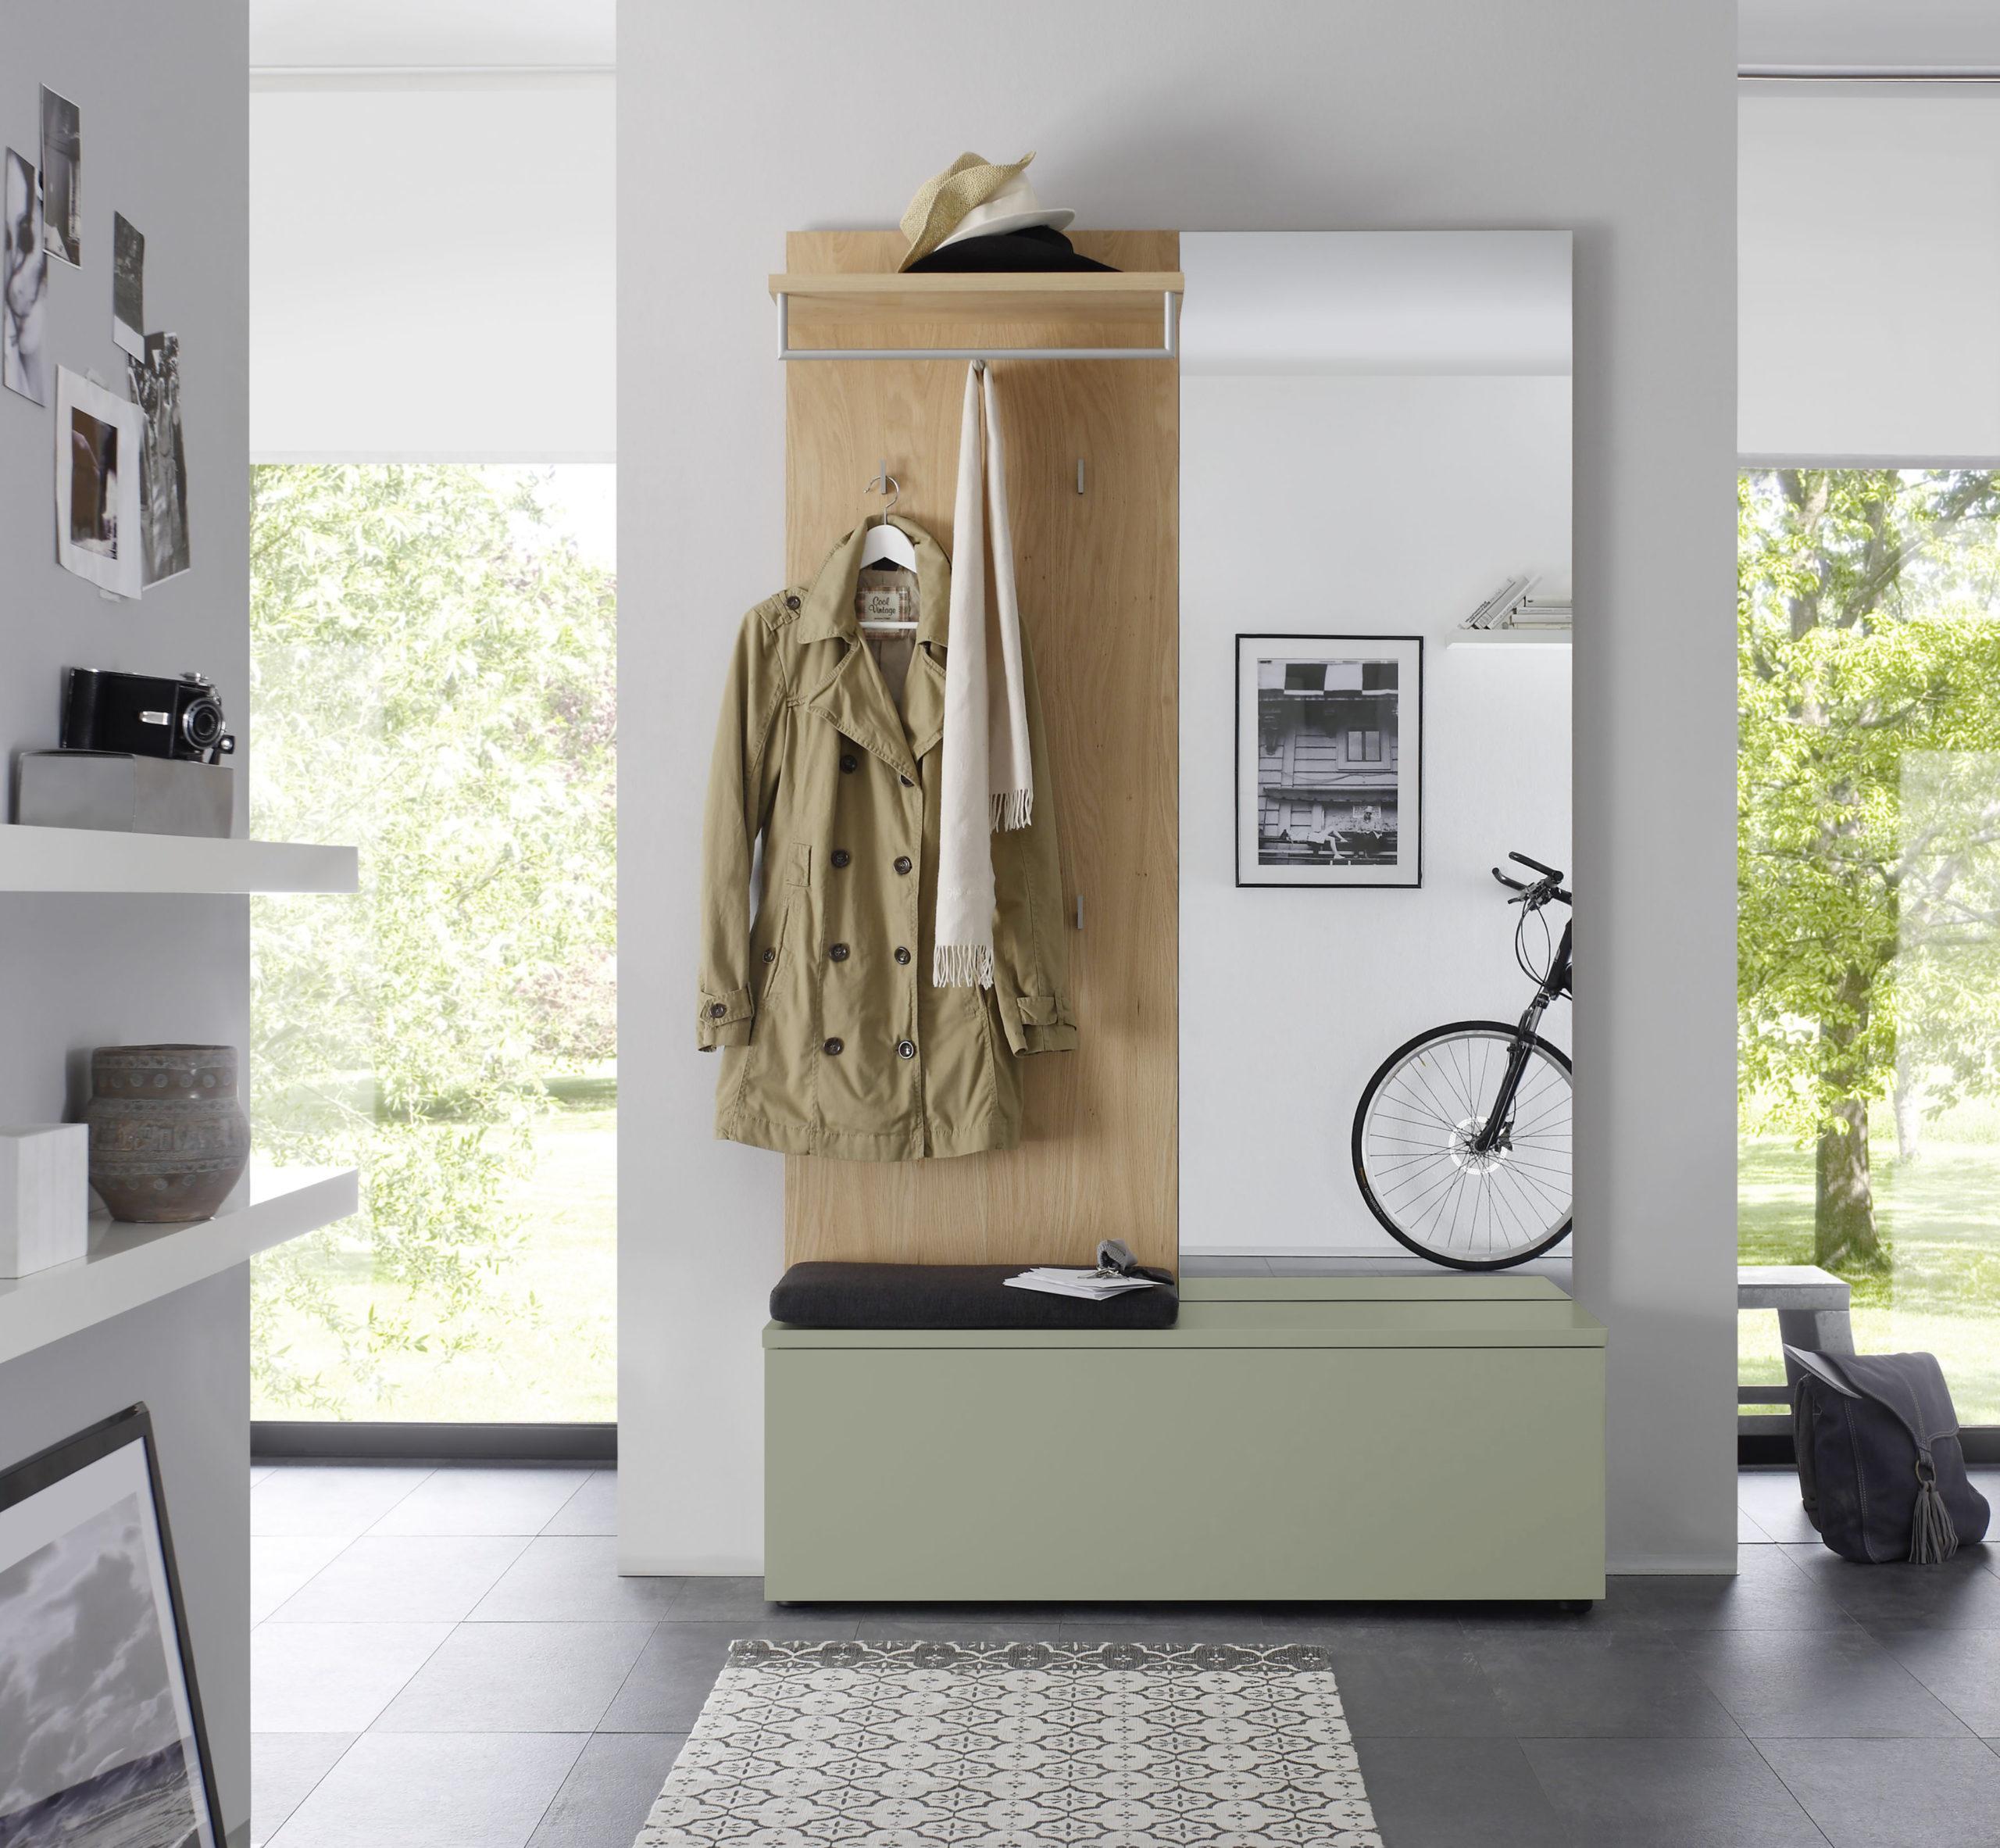 Sudbrock TANDO Garderobe in der Ausführung Ethno Eiche, Lack salbei #417